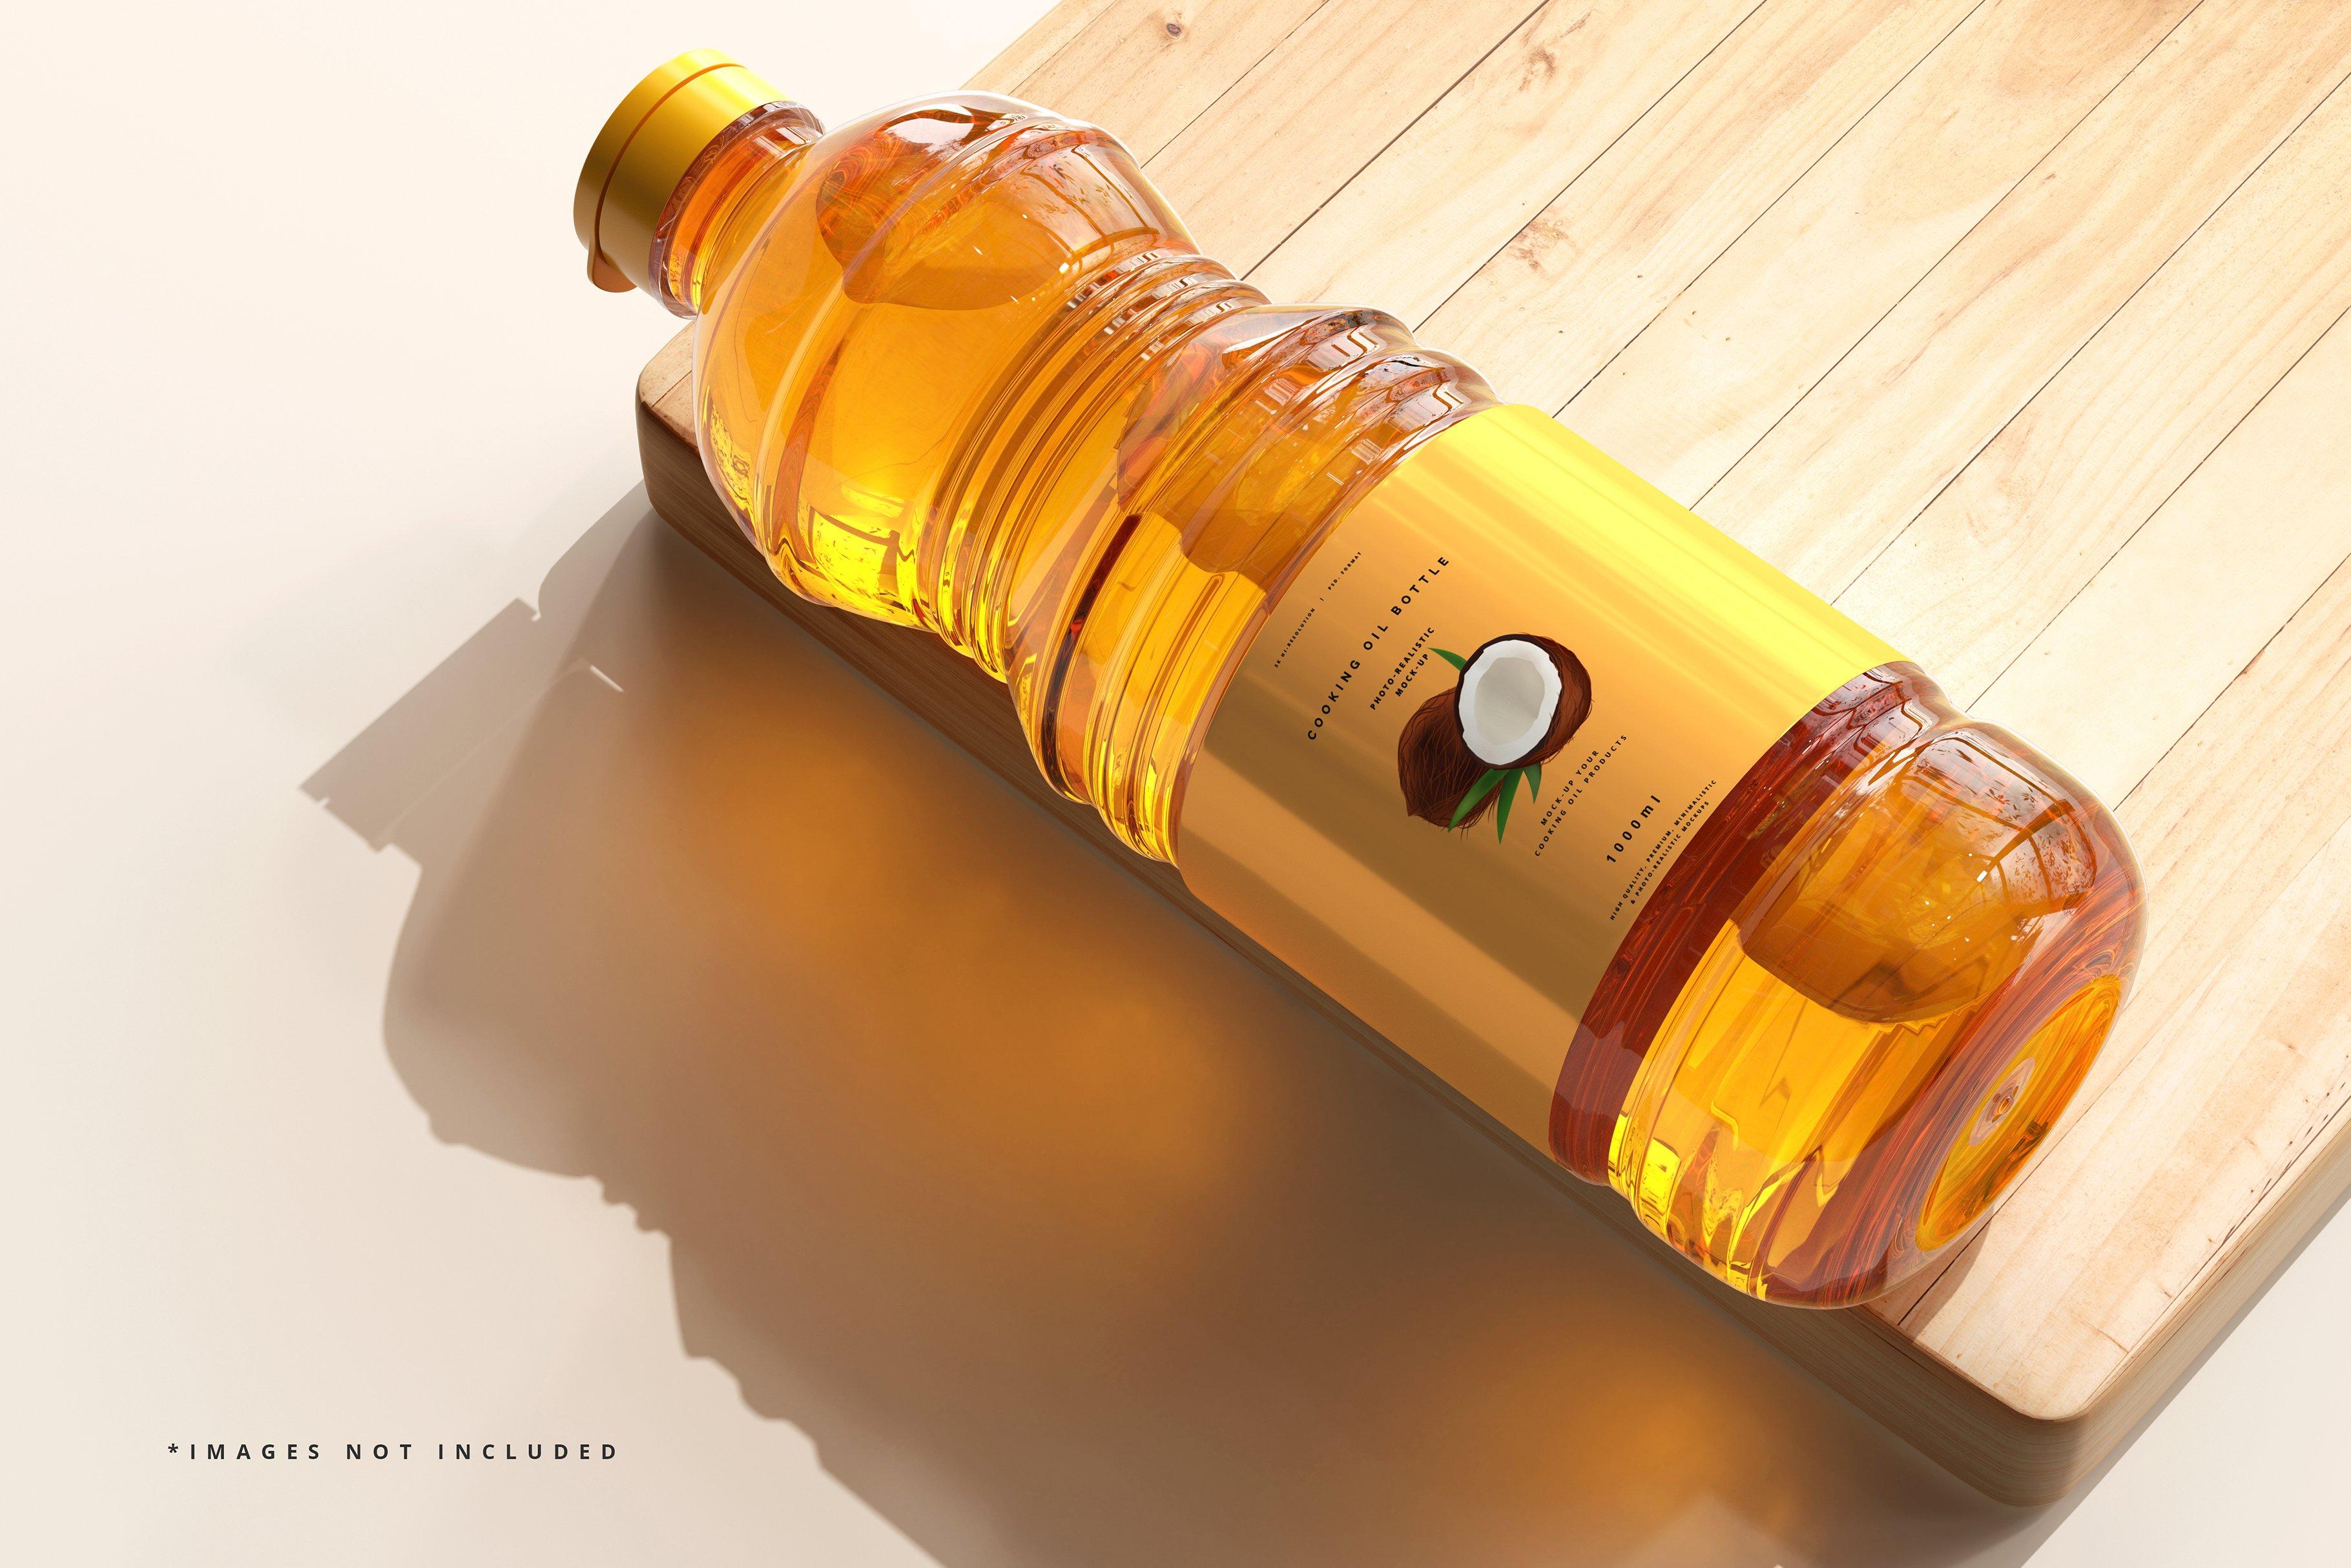 8款透明质感食用油塑料瓶设计展示贴图样机模板 Cooking Oil Bottle Mockup插图5